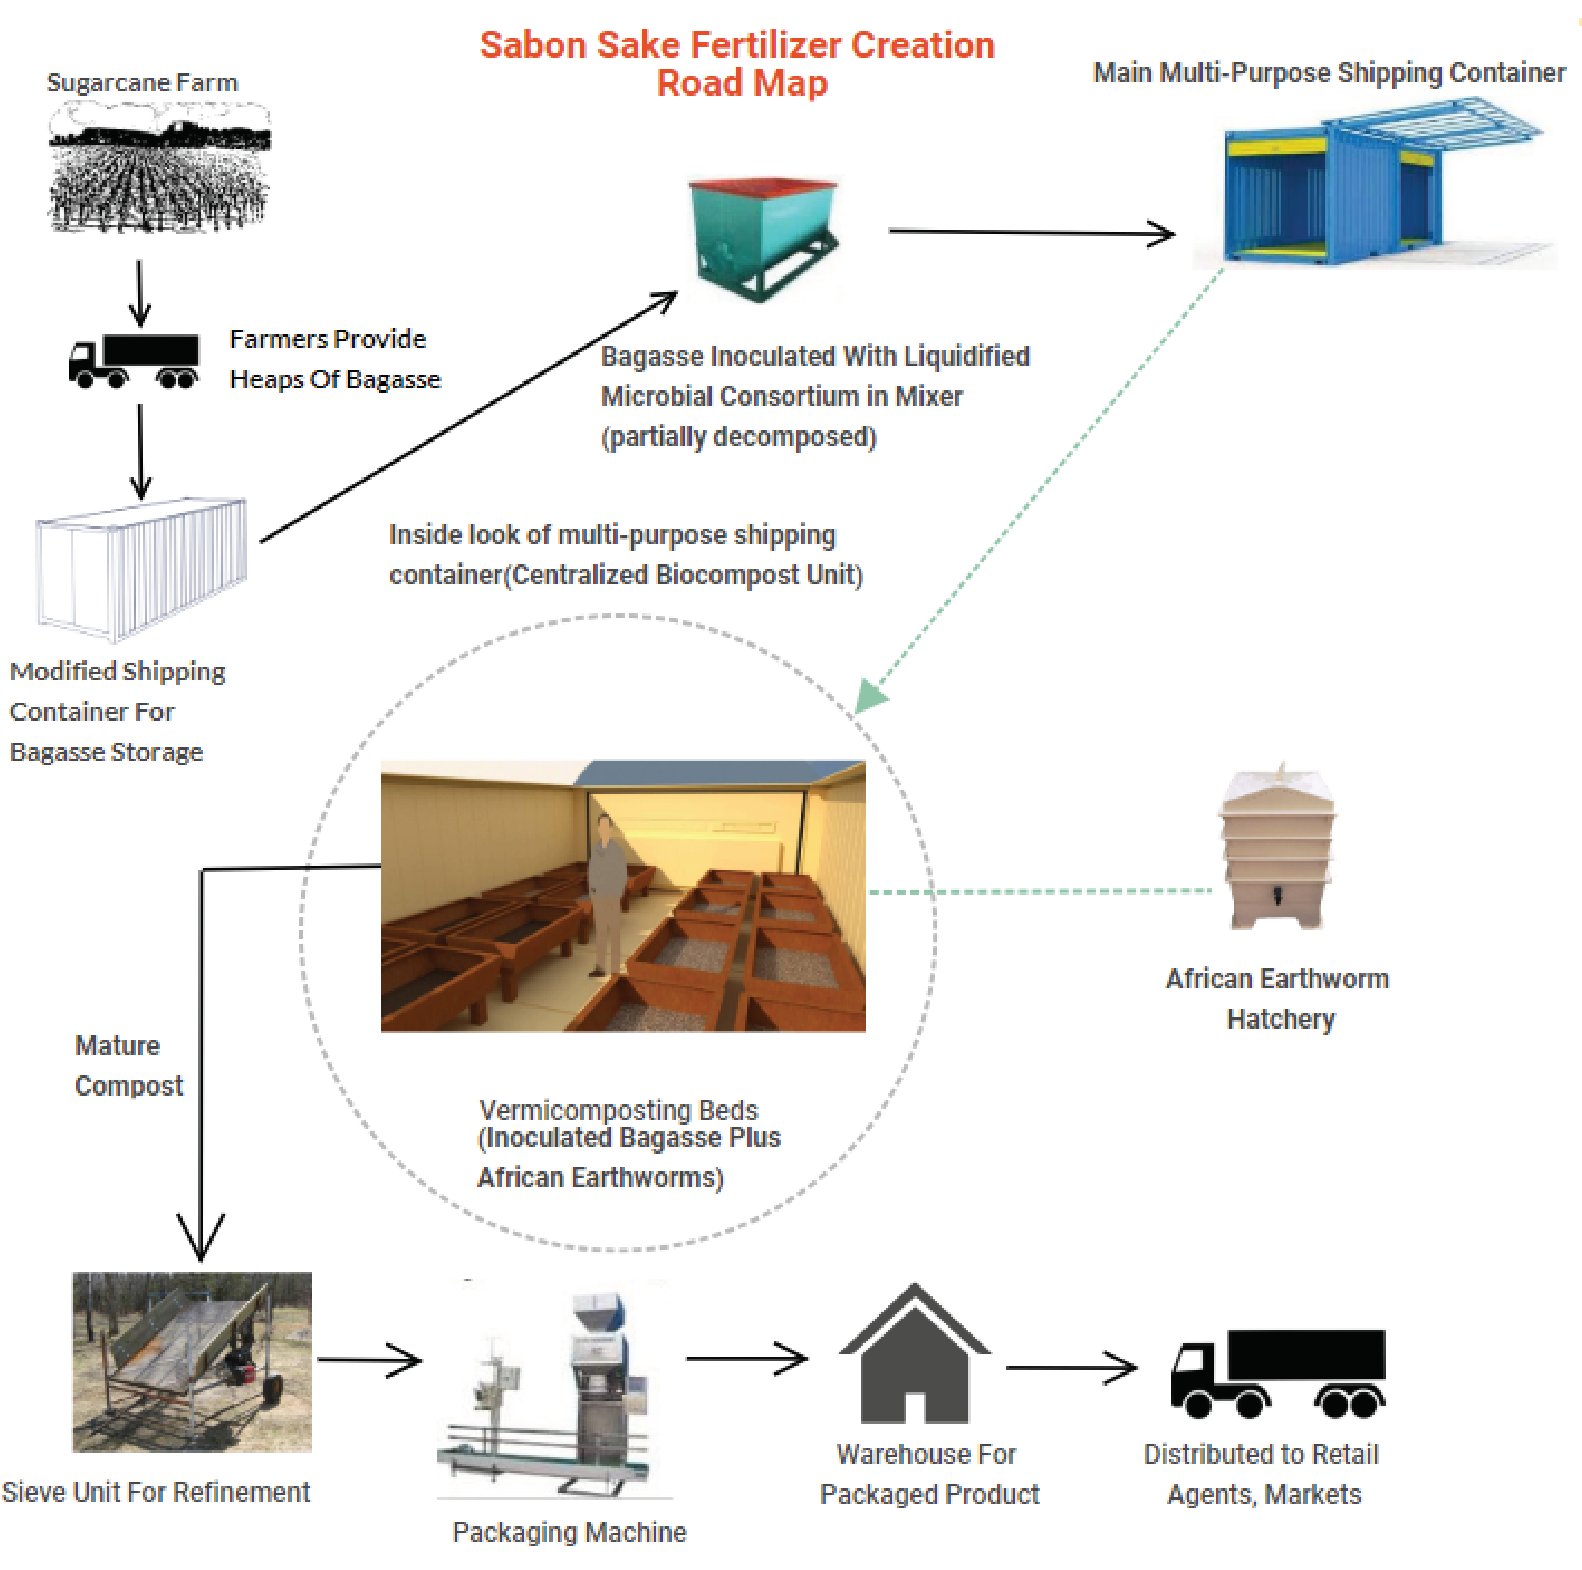 Sabon Sake solution excerpt